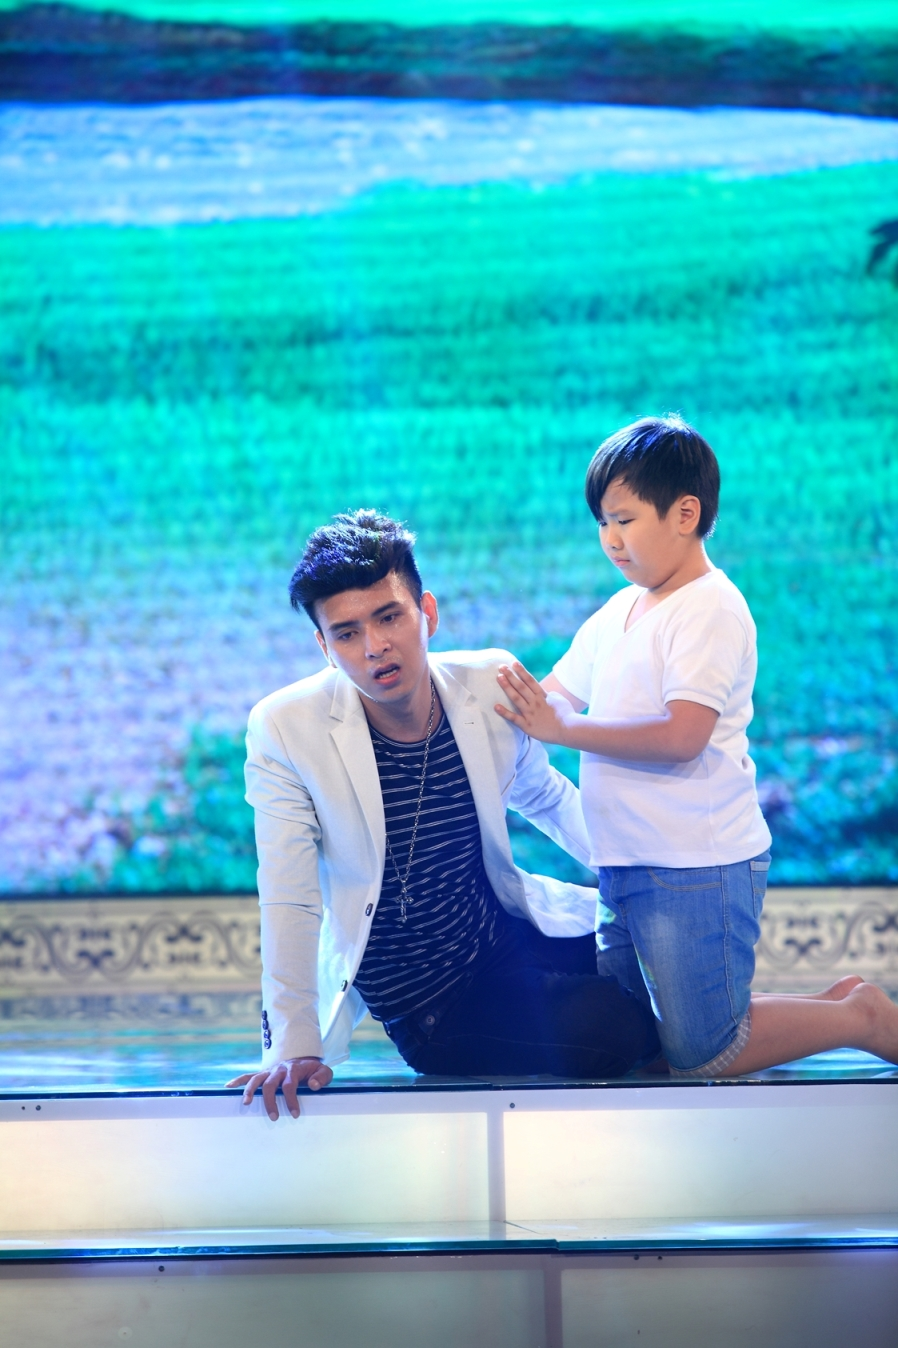 Hồ Quang Hiếu hóa tay chơi đua đòi - 2